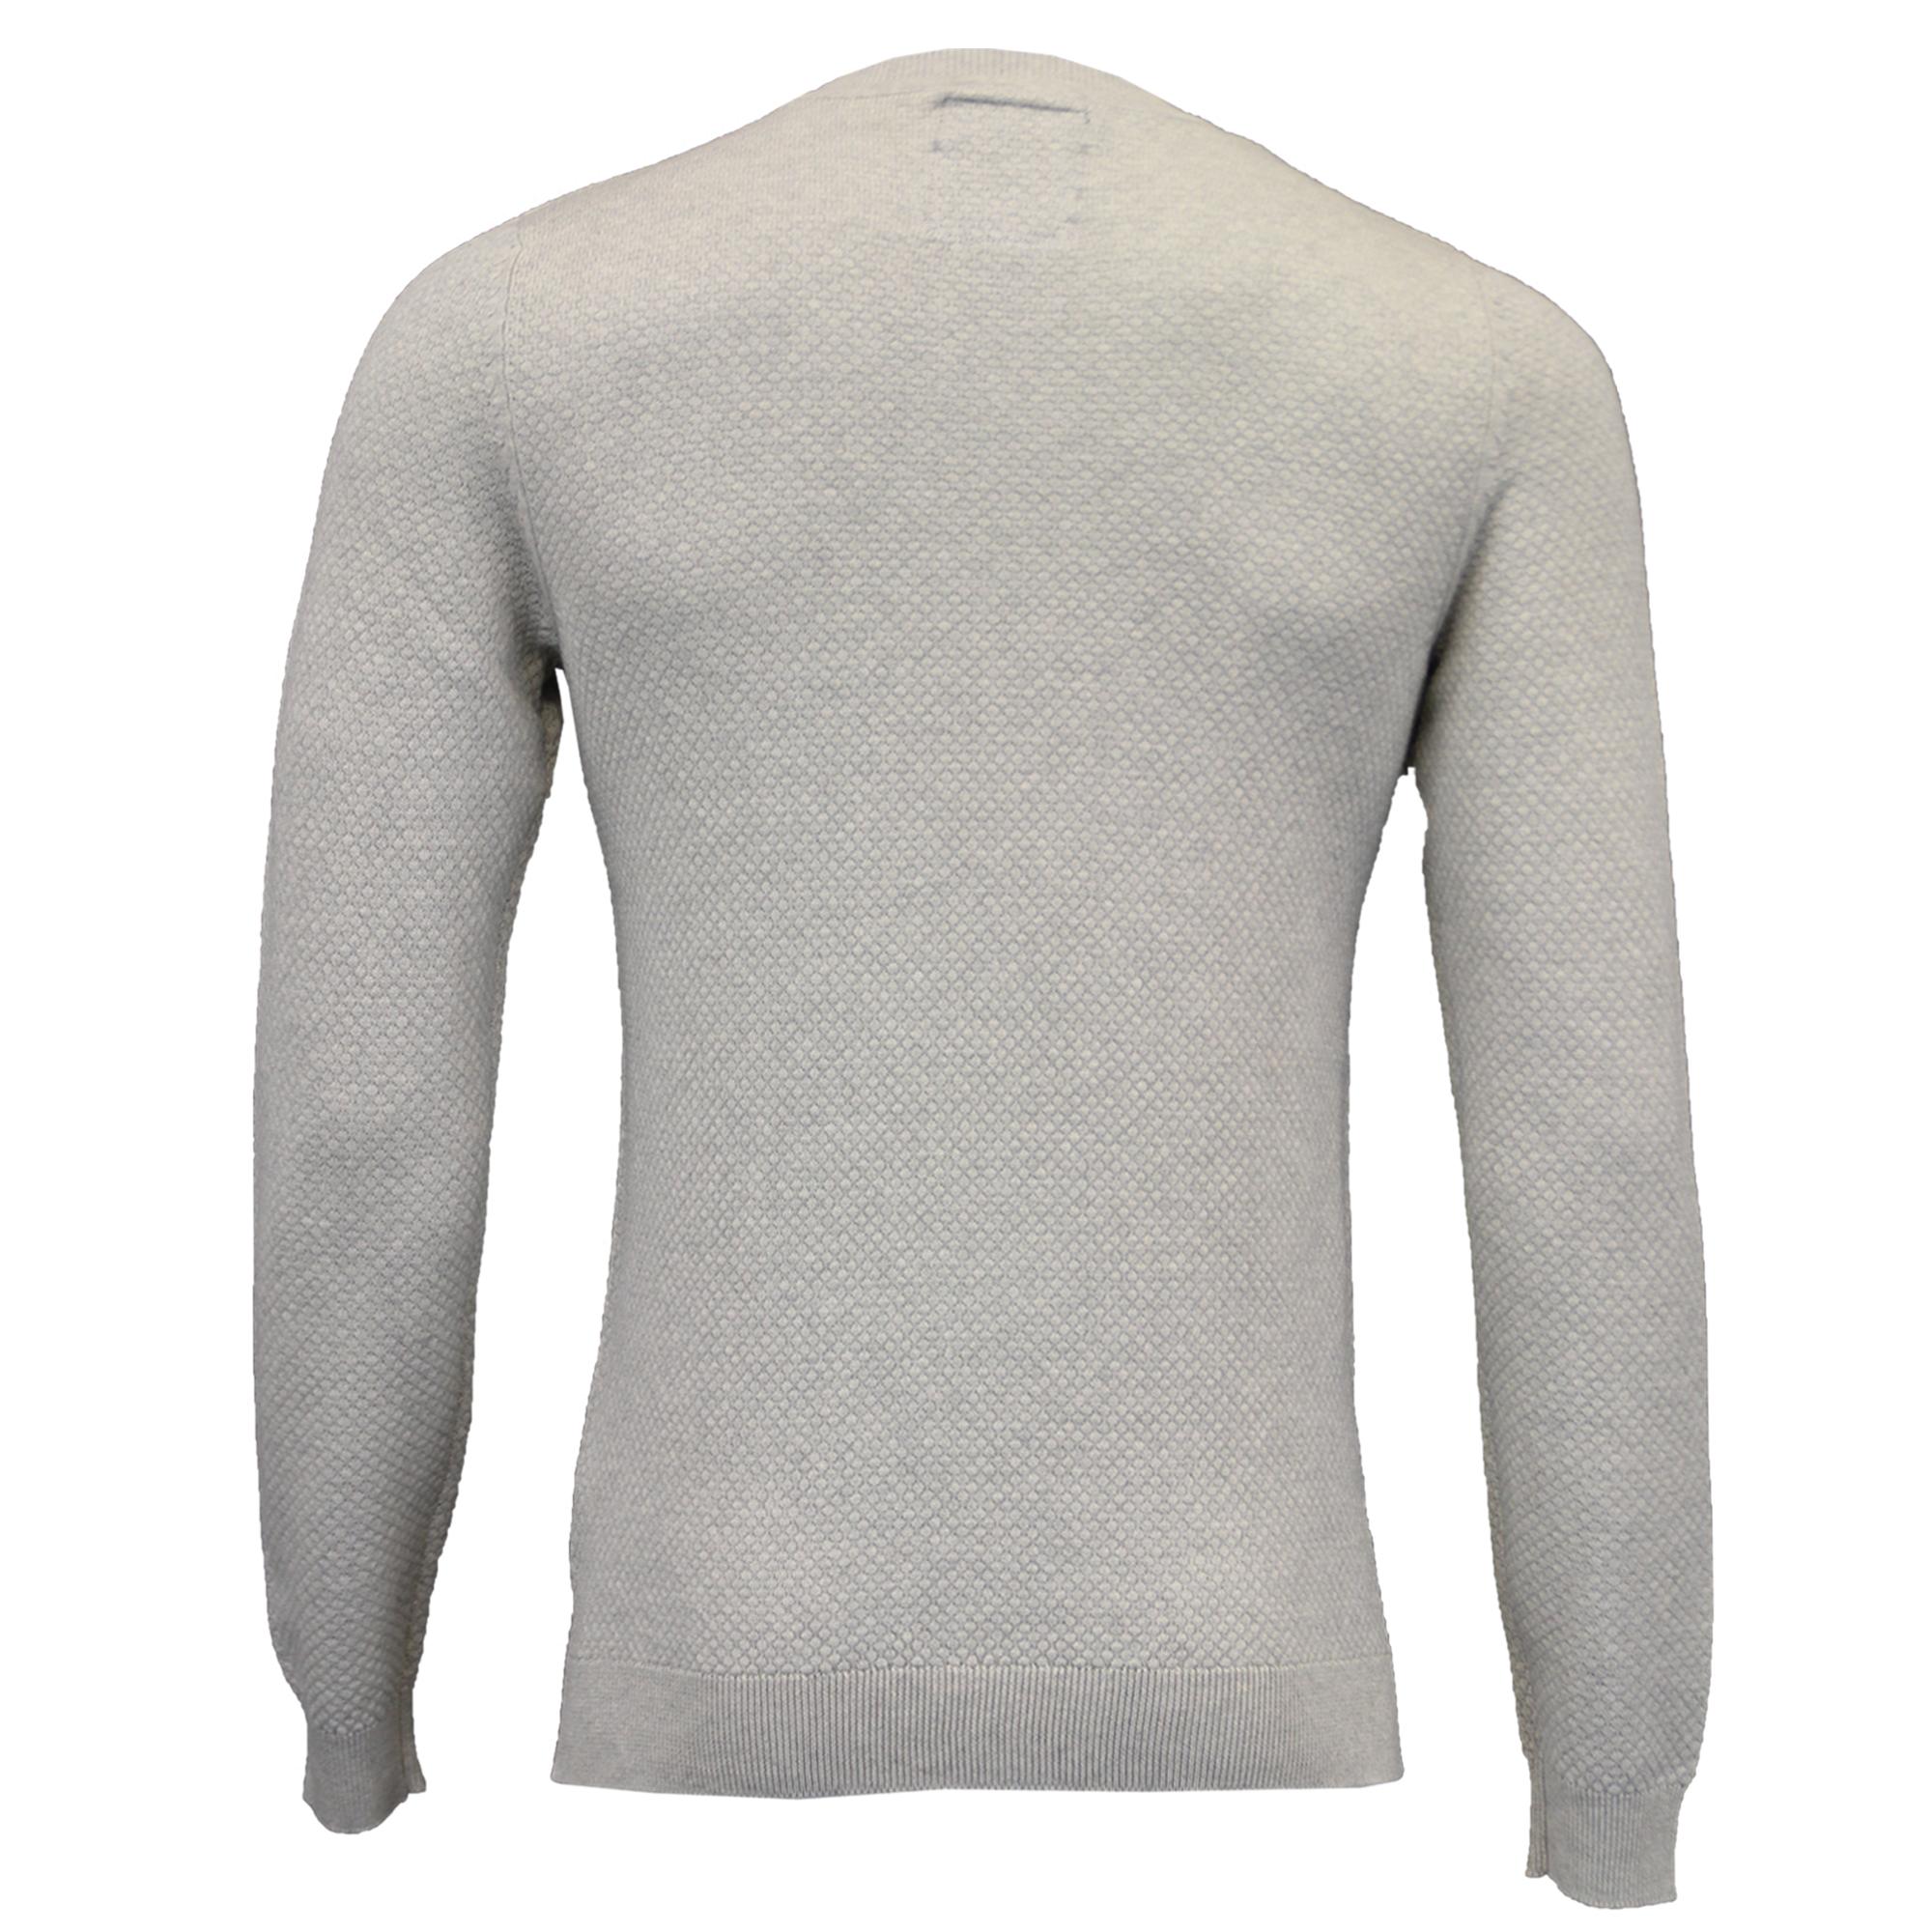 Homme Pull en mailles élimée Pull Pullover Top Gaufre Décontracté Hiver Mode